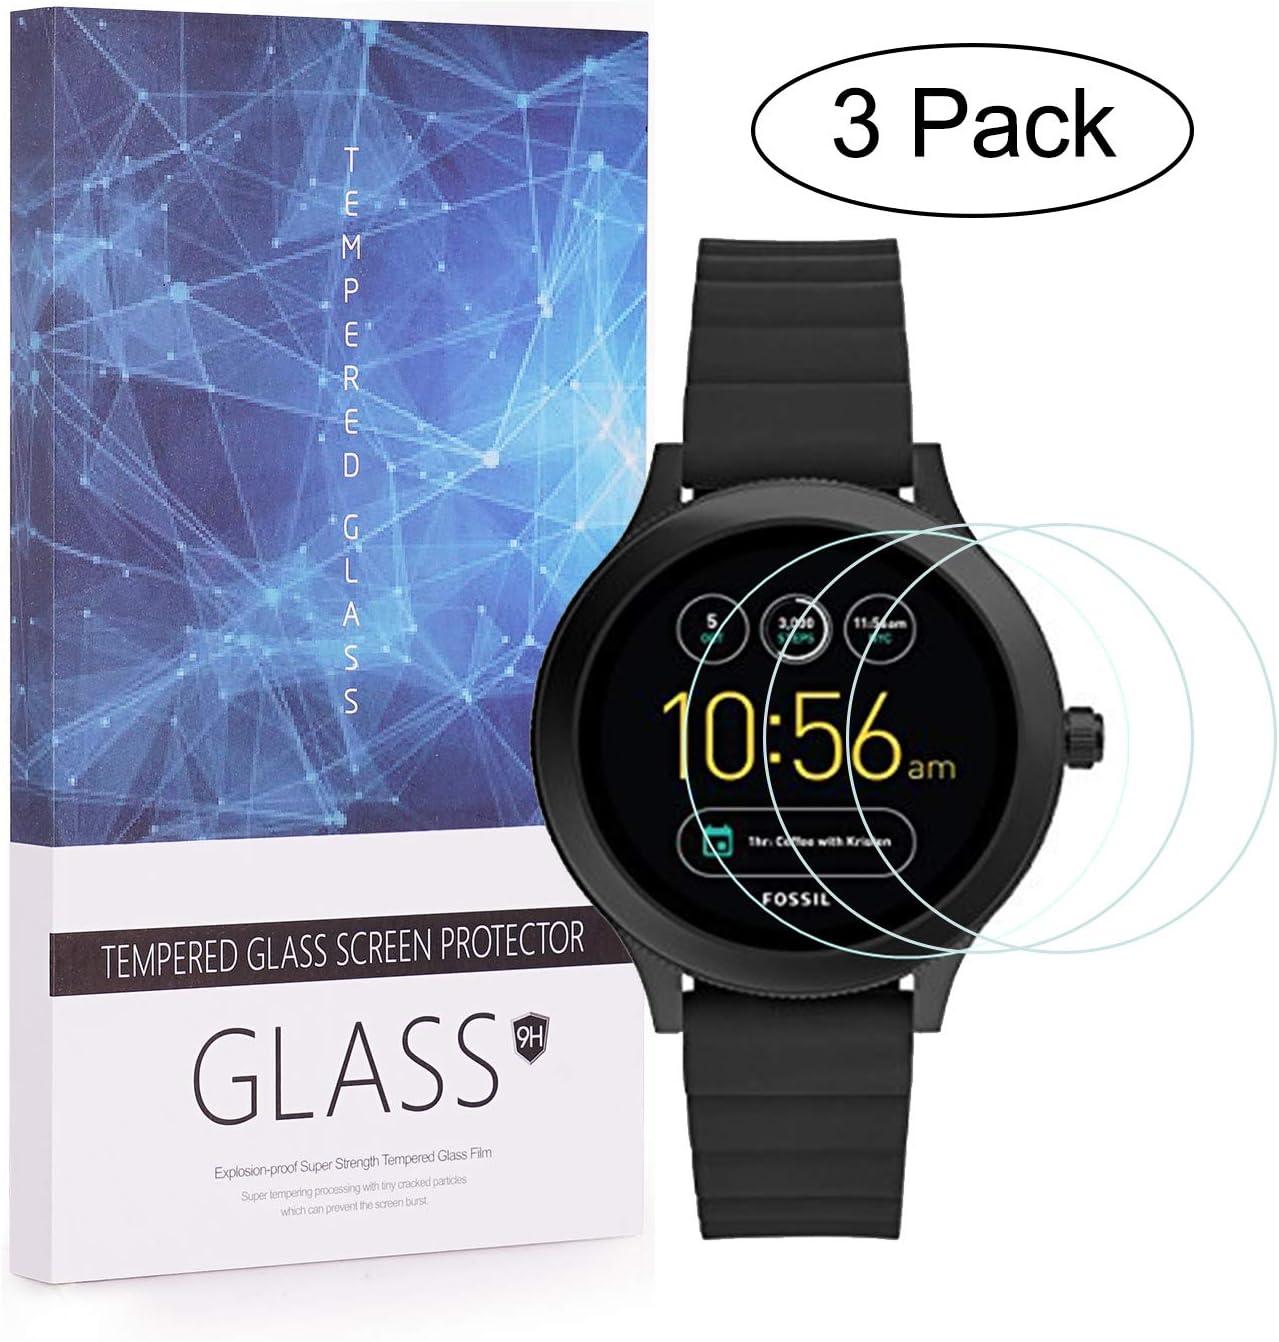 Paquete de 3 BECEMURU Fossil Q Venture HR Protector de Pantalla 9H Pantalla de Cobertura Completa Protector de Cristal Templado para Garmin Fossil Q Venture HR Smartwatch